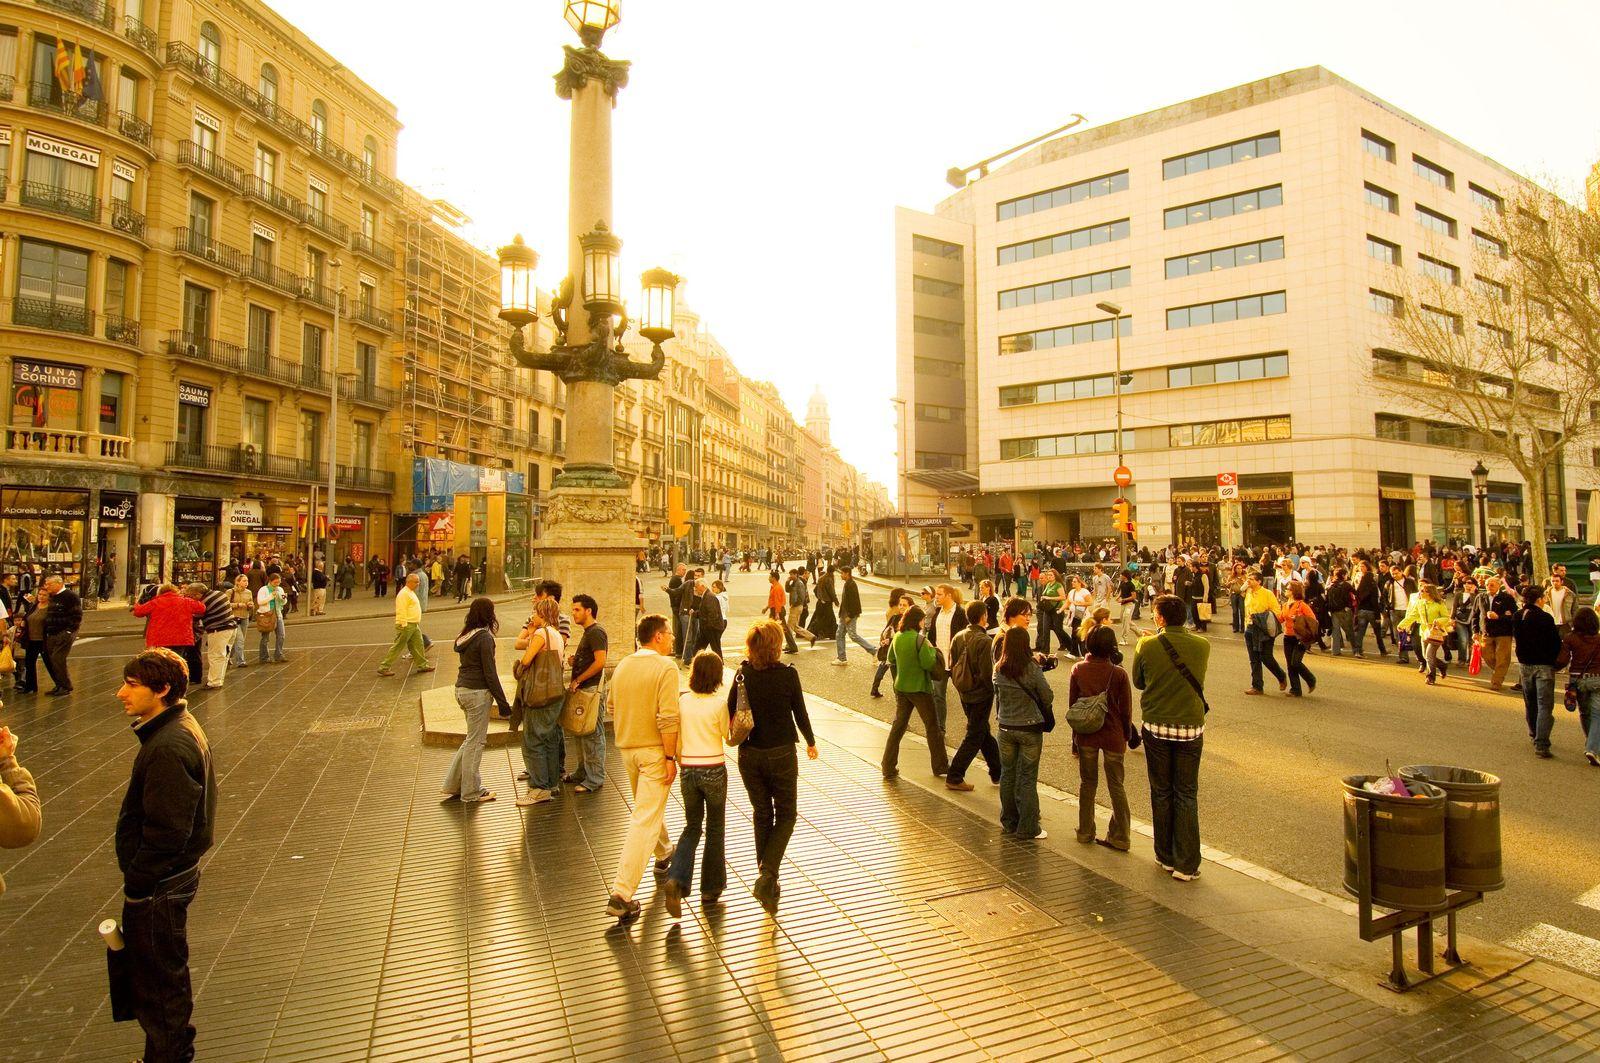 NICHT MEHR VERWENDEN! - Junge Menschen Europa Spanien